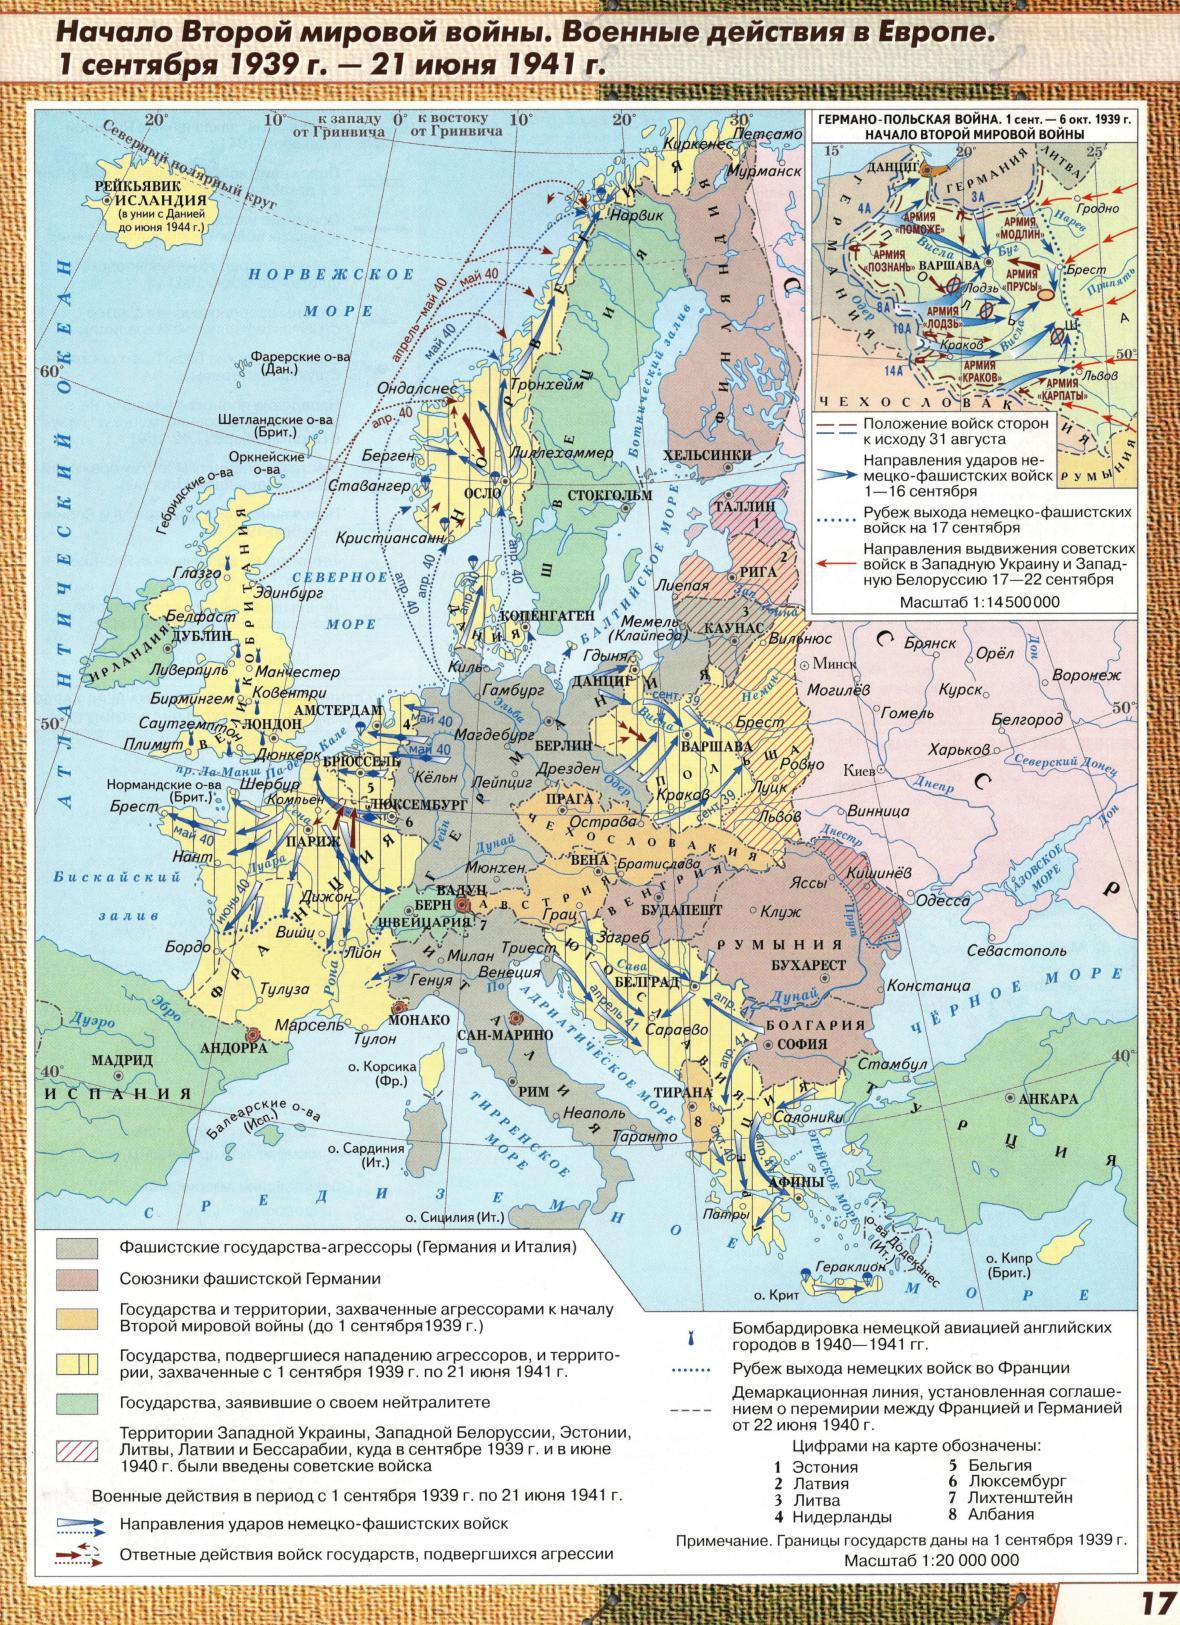 Začátek války v ruském školním atlase